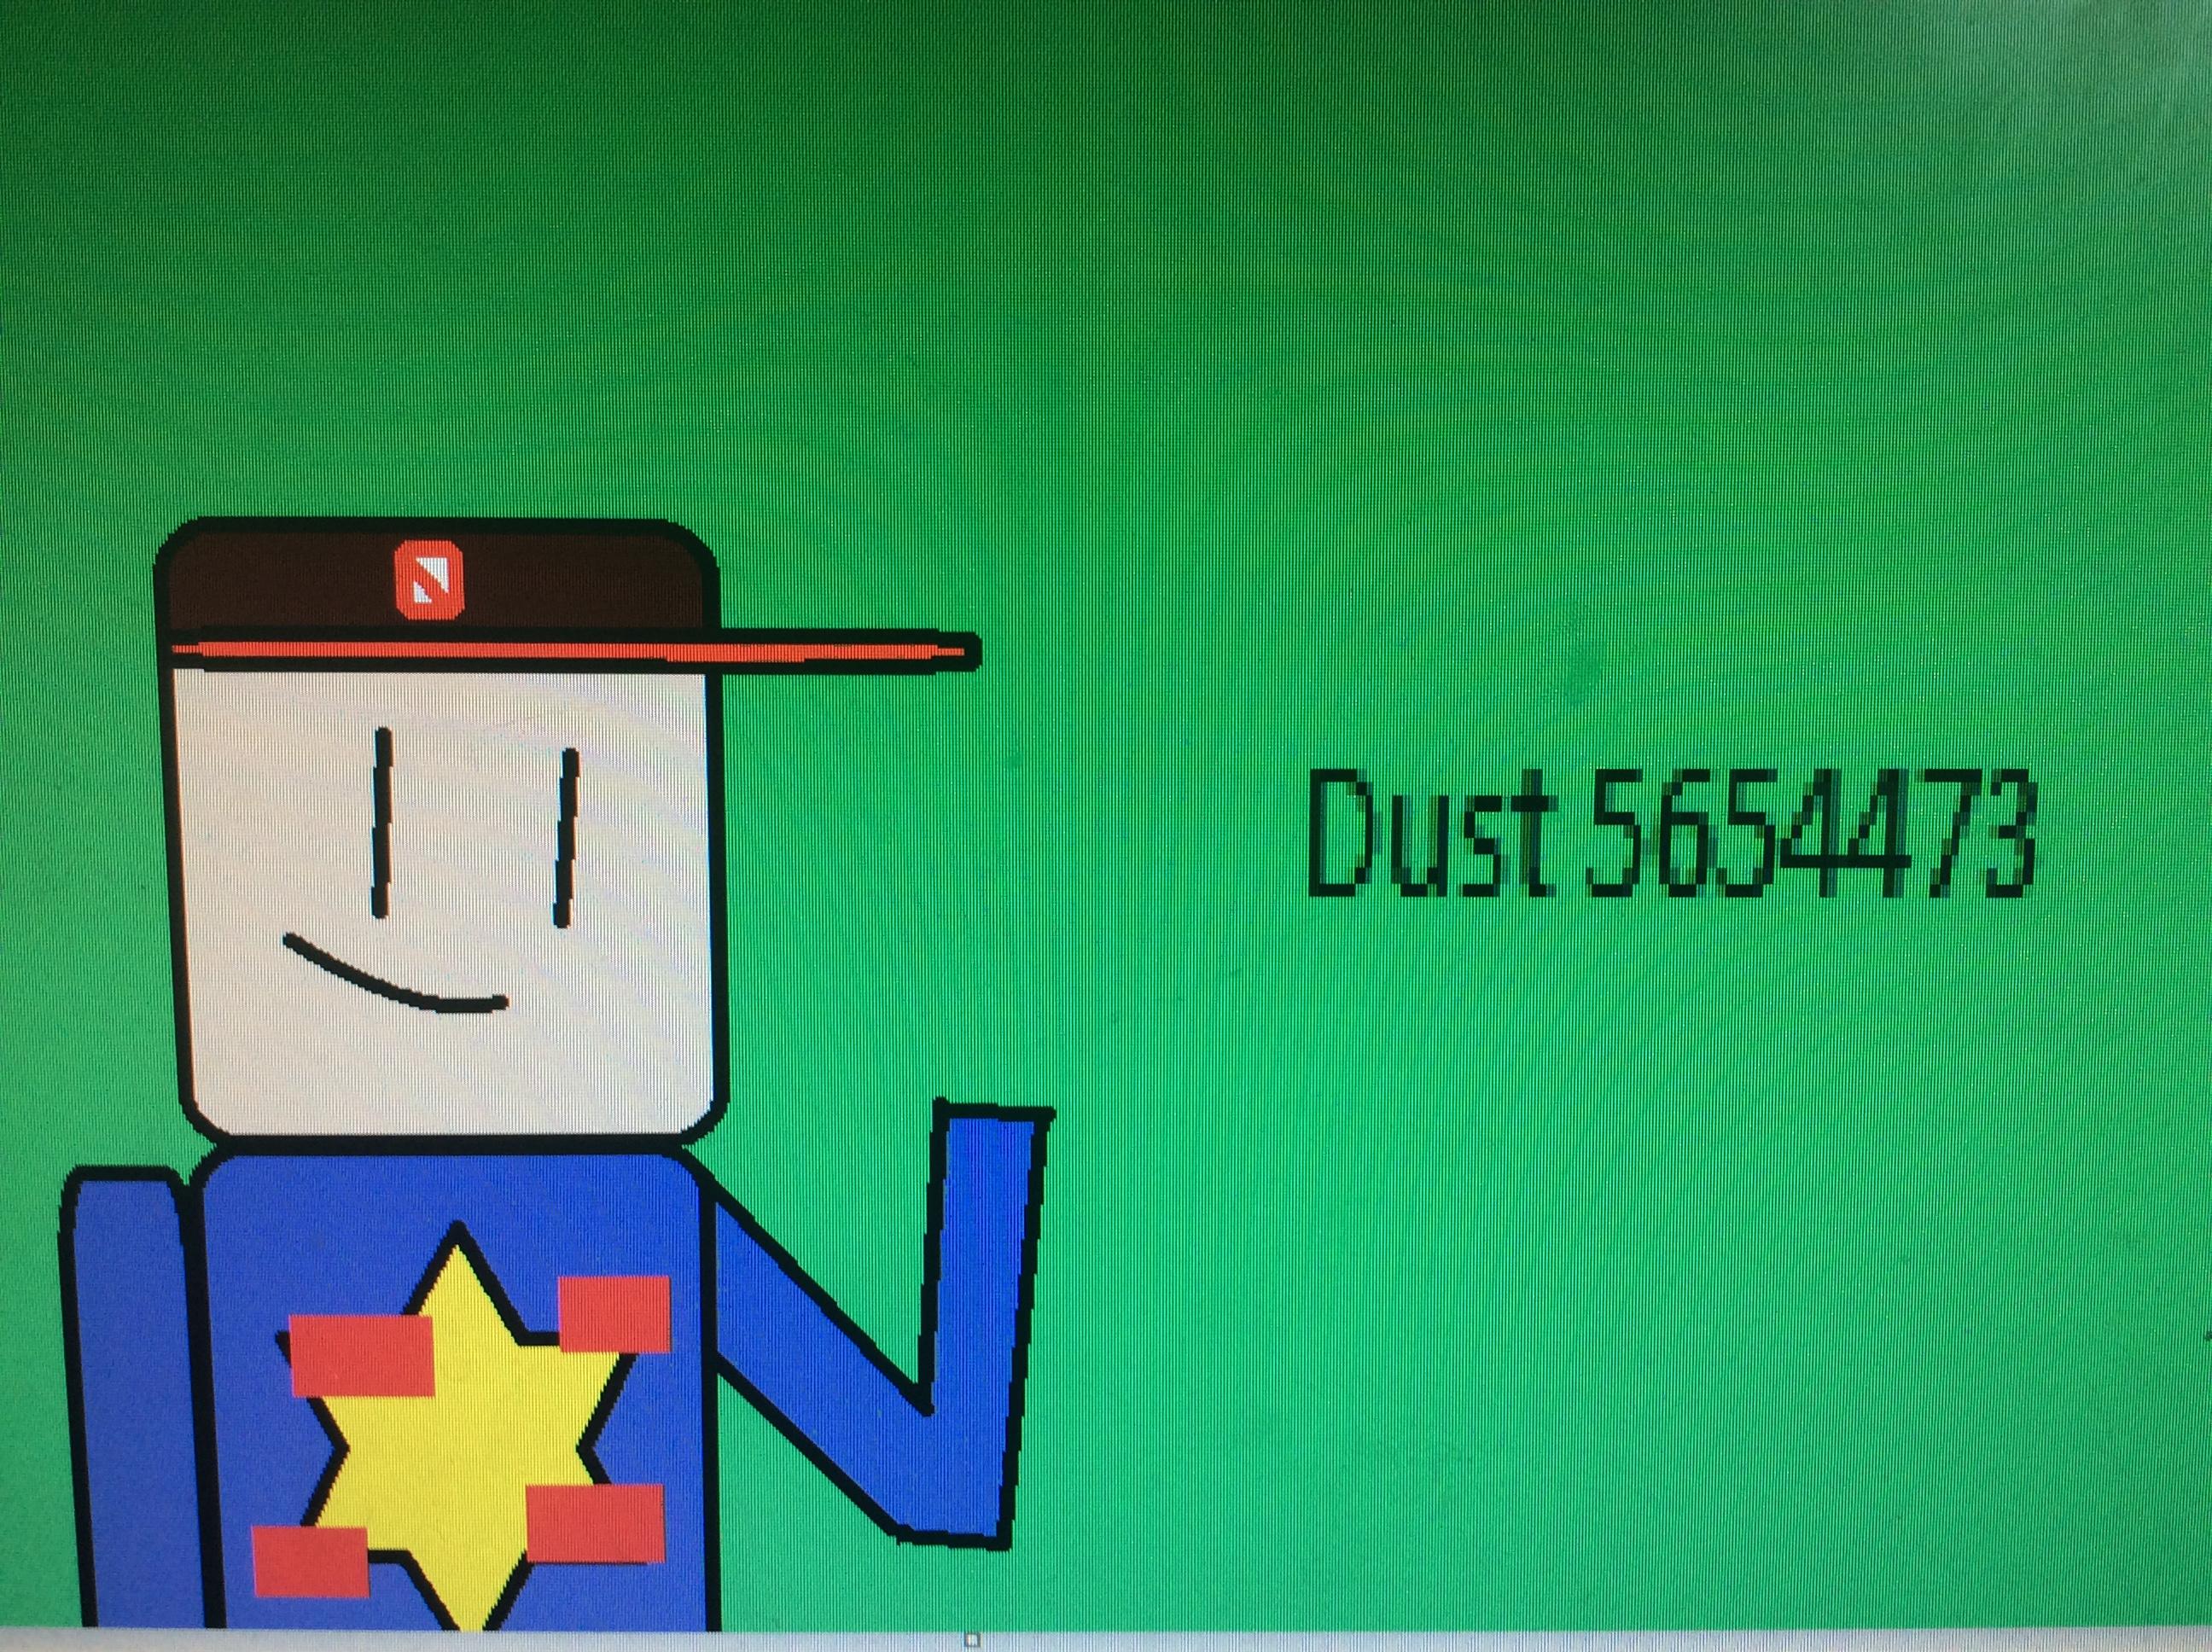 My Friend Dust 5654473